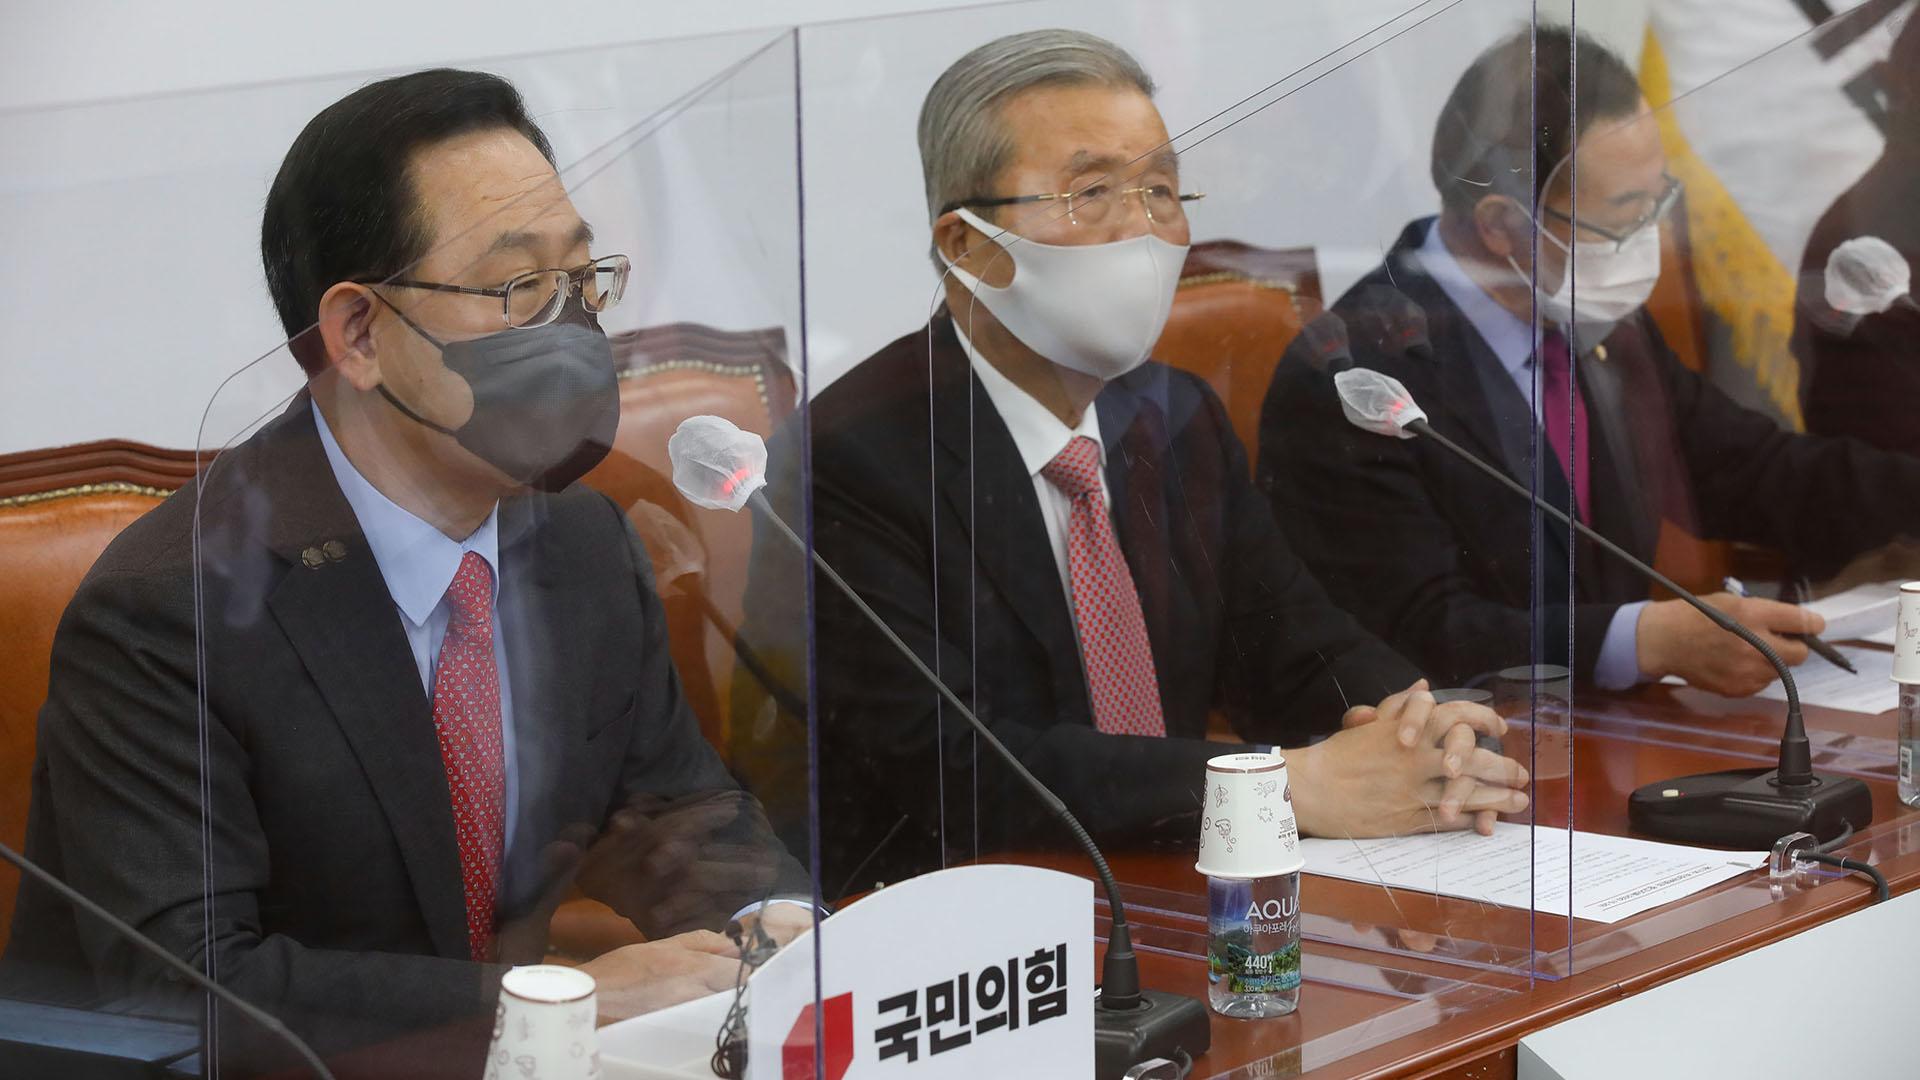 '인물난' 국민의힘…서울시장 '깜짝후보' 낼까